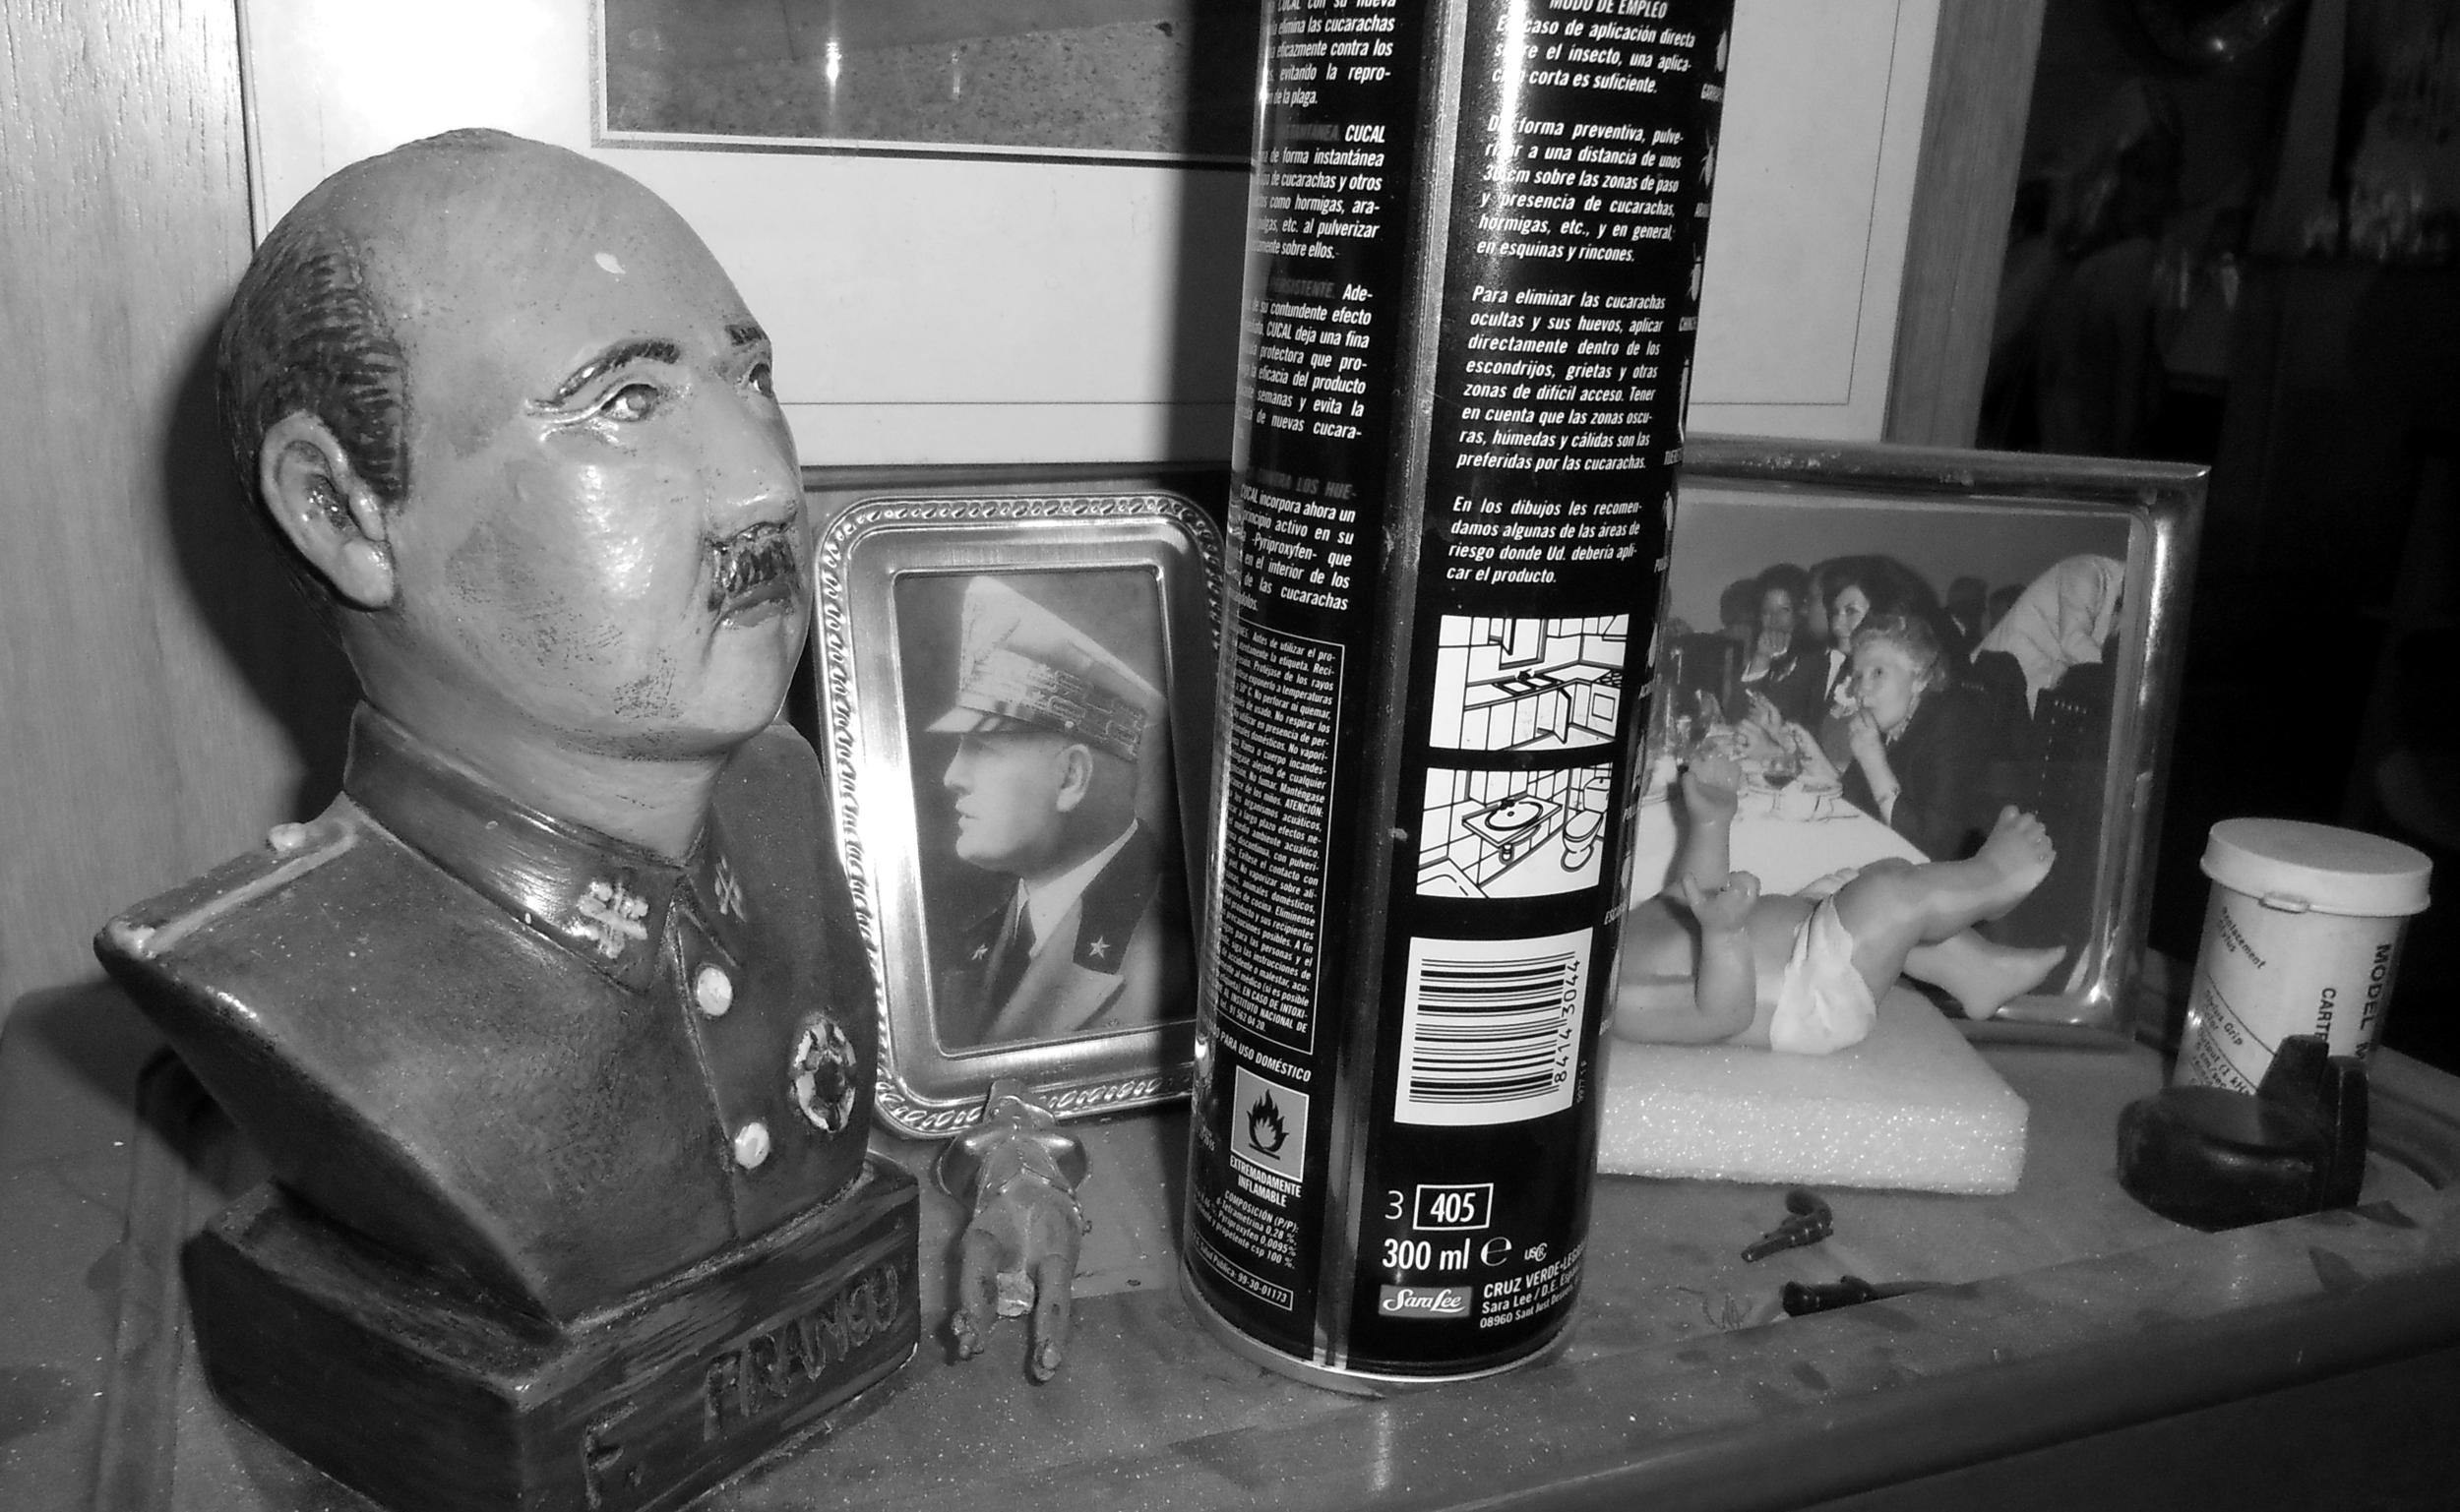 Franco, matarratas y Mussolini. ¡Ah! Y rock and roll...